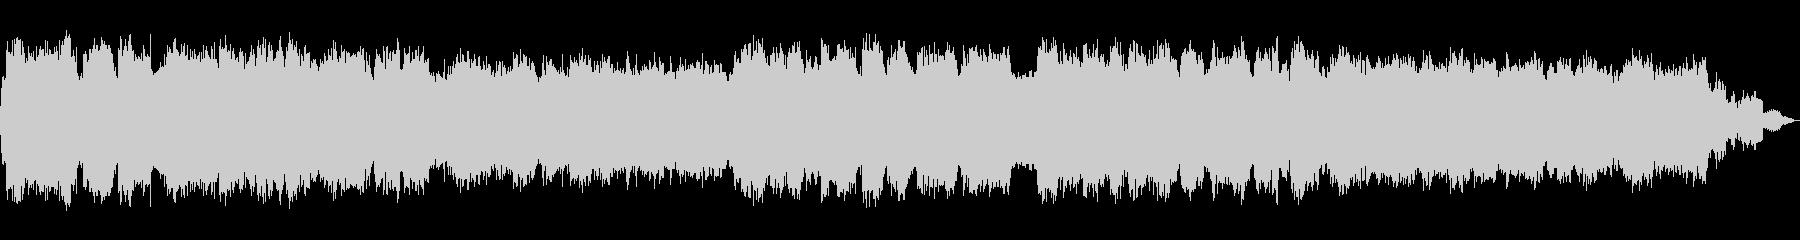 ぼんやりとした幻想的な笛のヒーリング音楽の未再生の波形